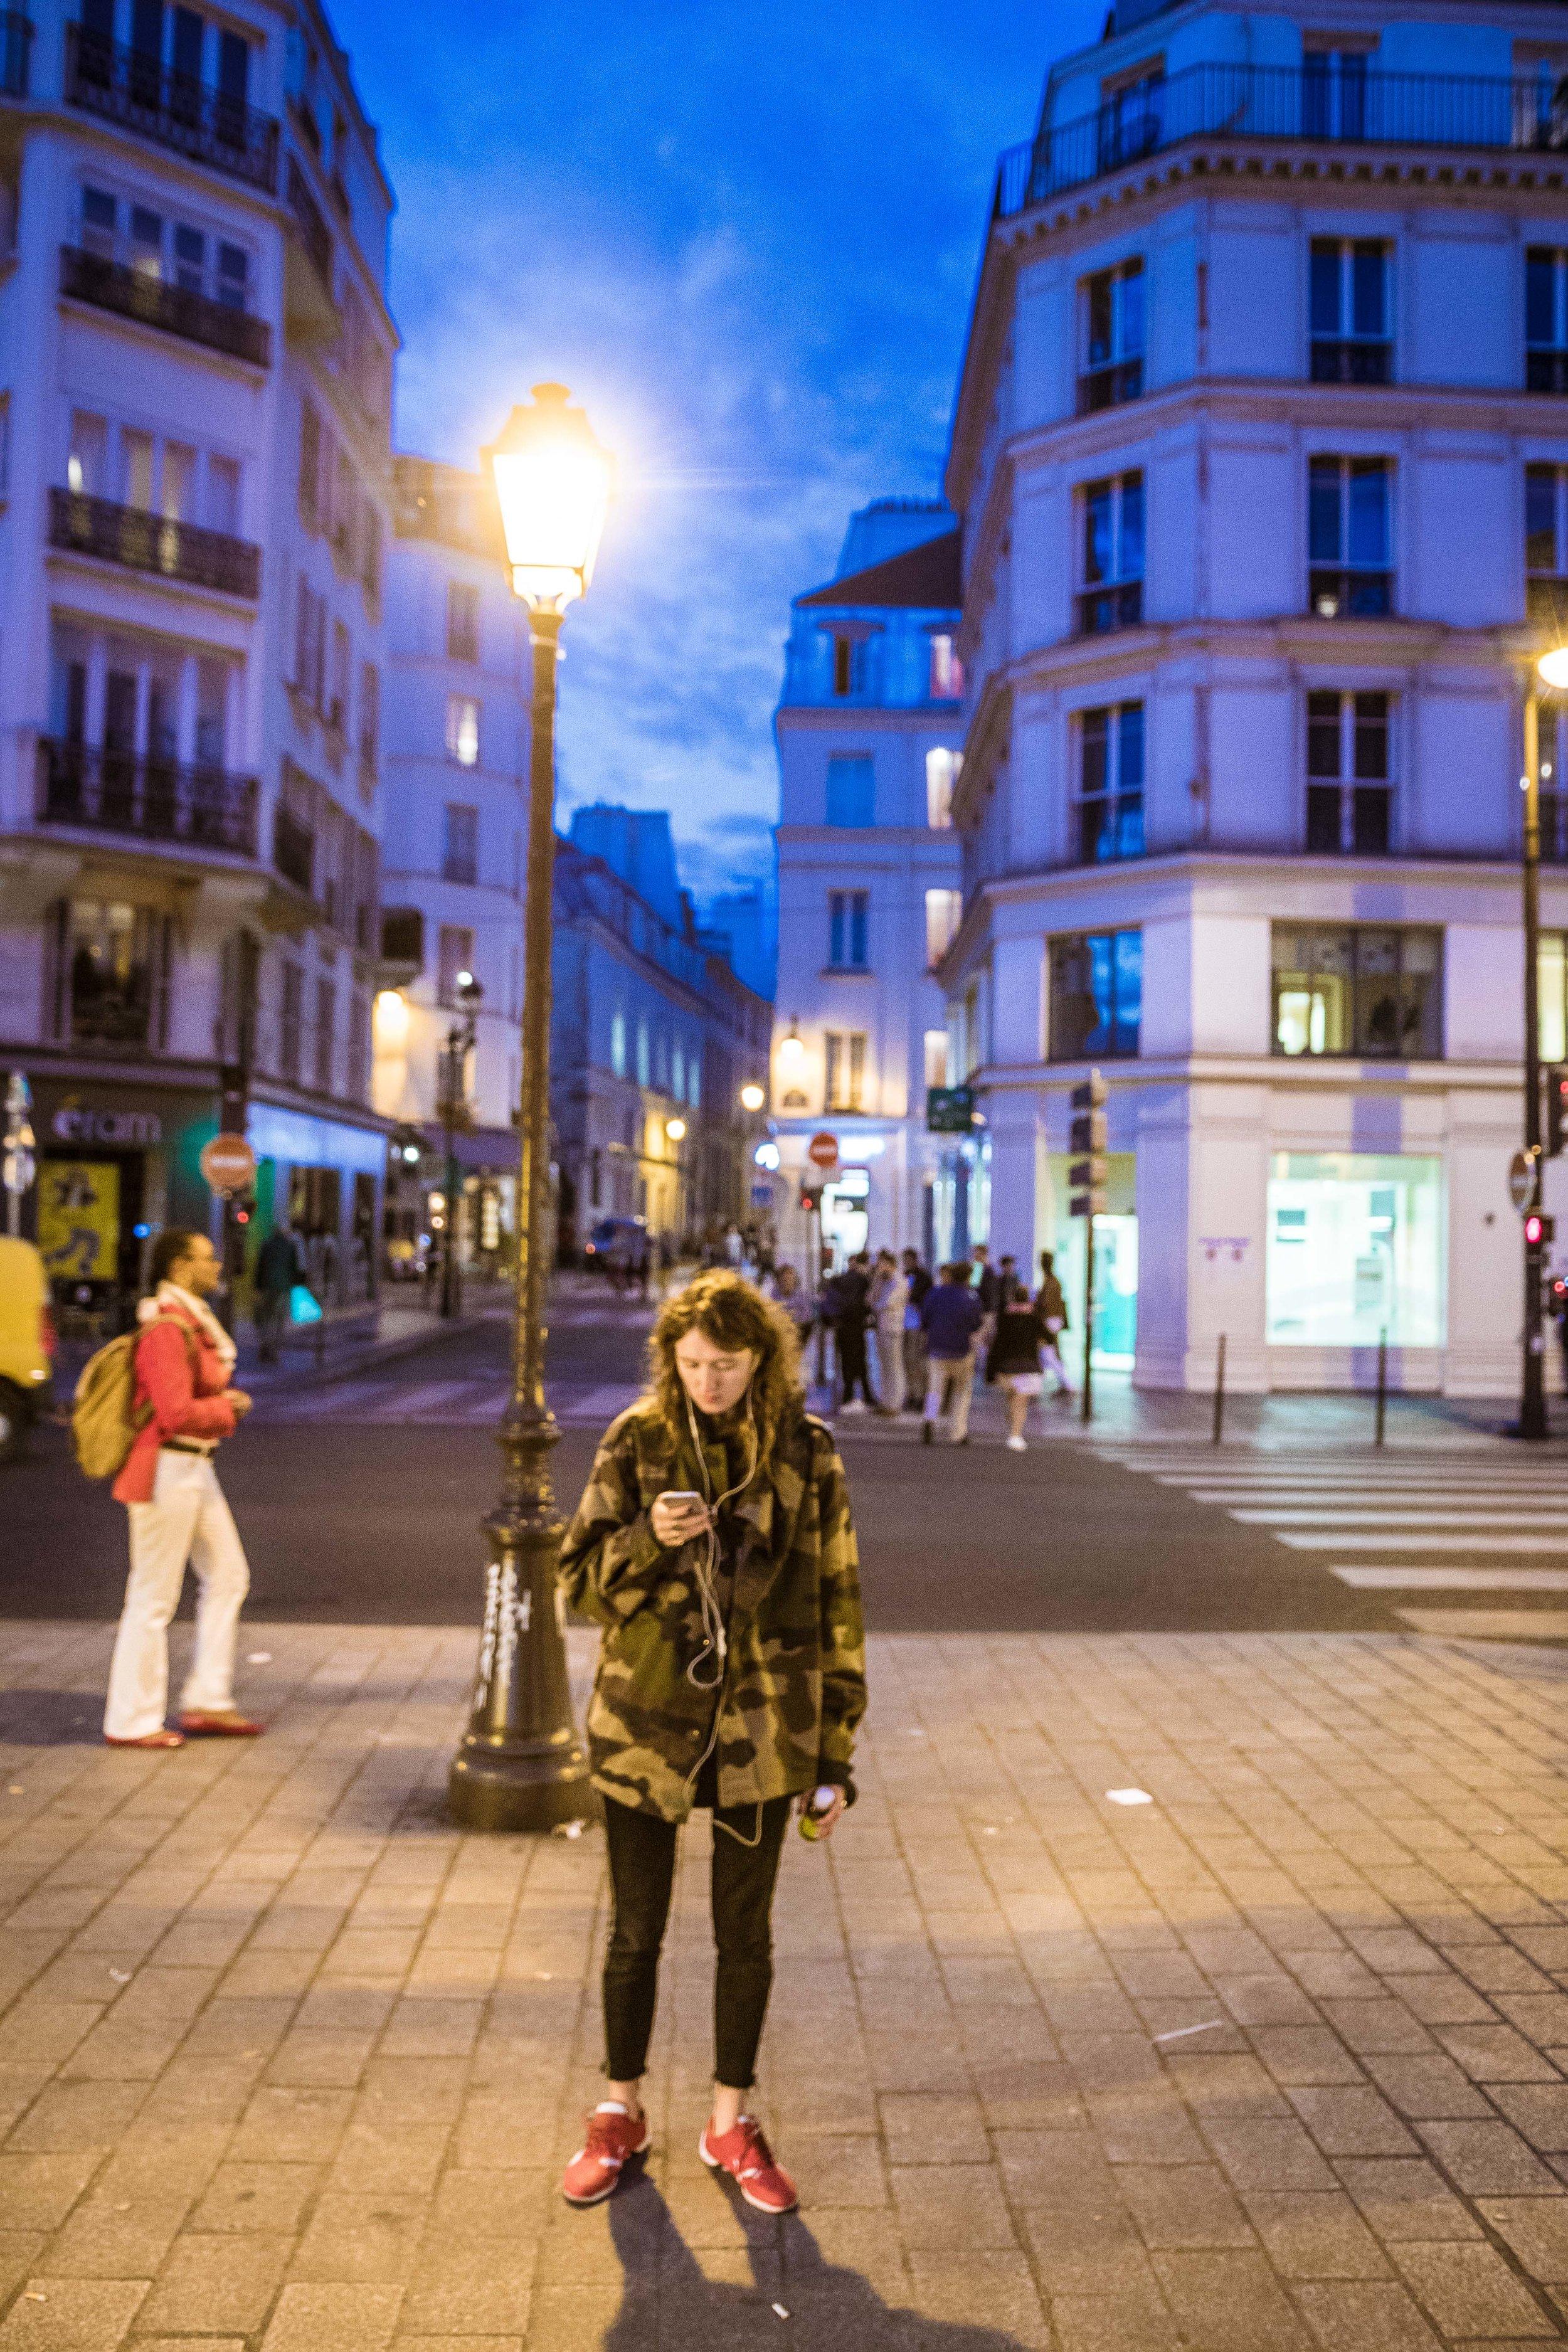 Fra-Paris-CheckingPhoneStPaulMetro-1.jpg